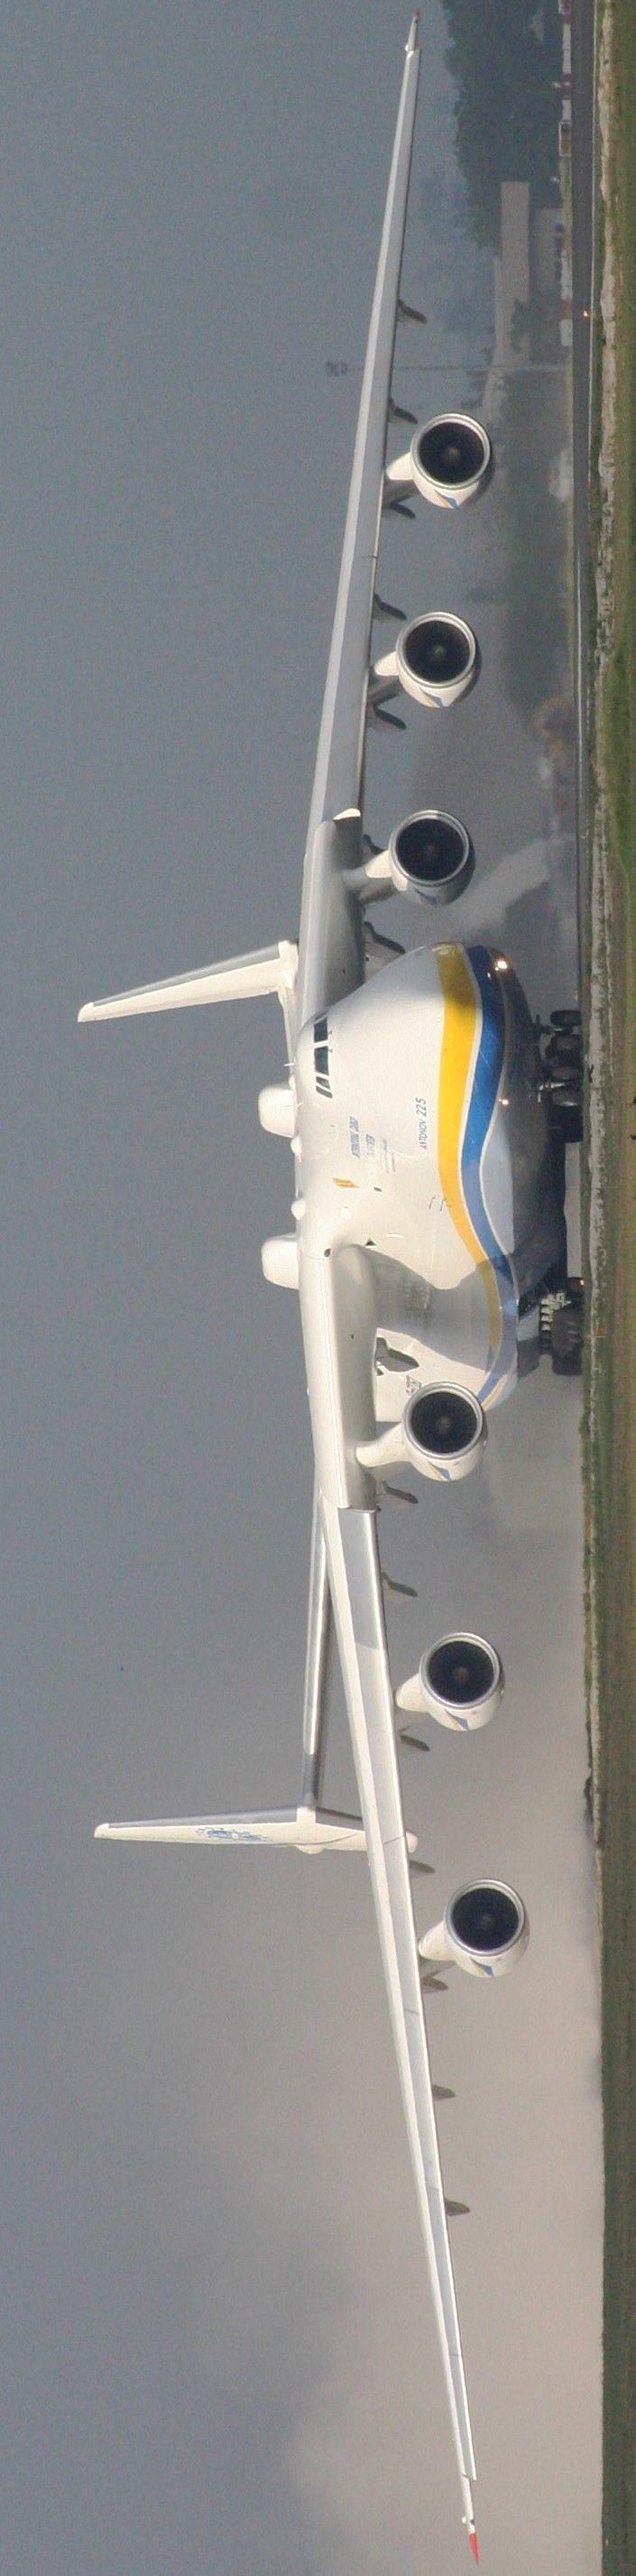 Antonov Ruso, un enorme monstruo que es impulsado por seis motores de turboventilador, es el avión más grande del mundo; es el avión más pesado con un peso de despegue máximo de 640 toneladas